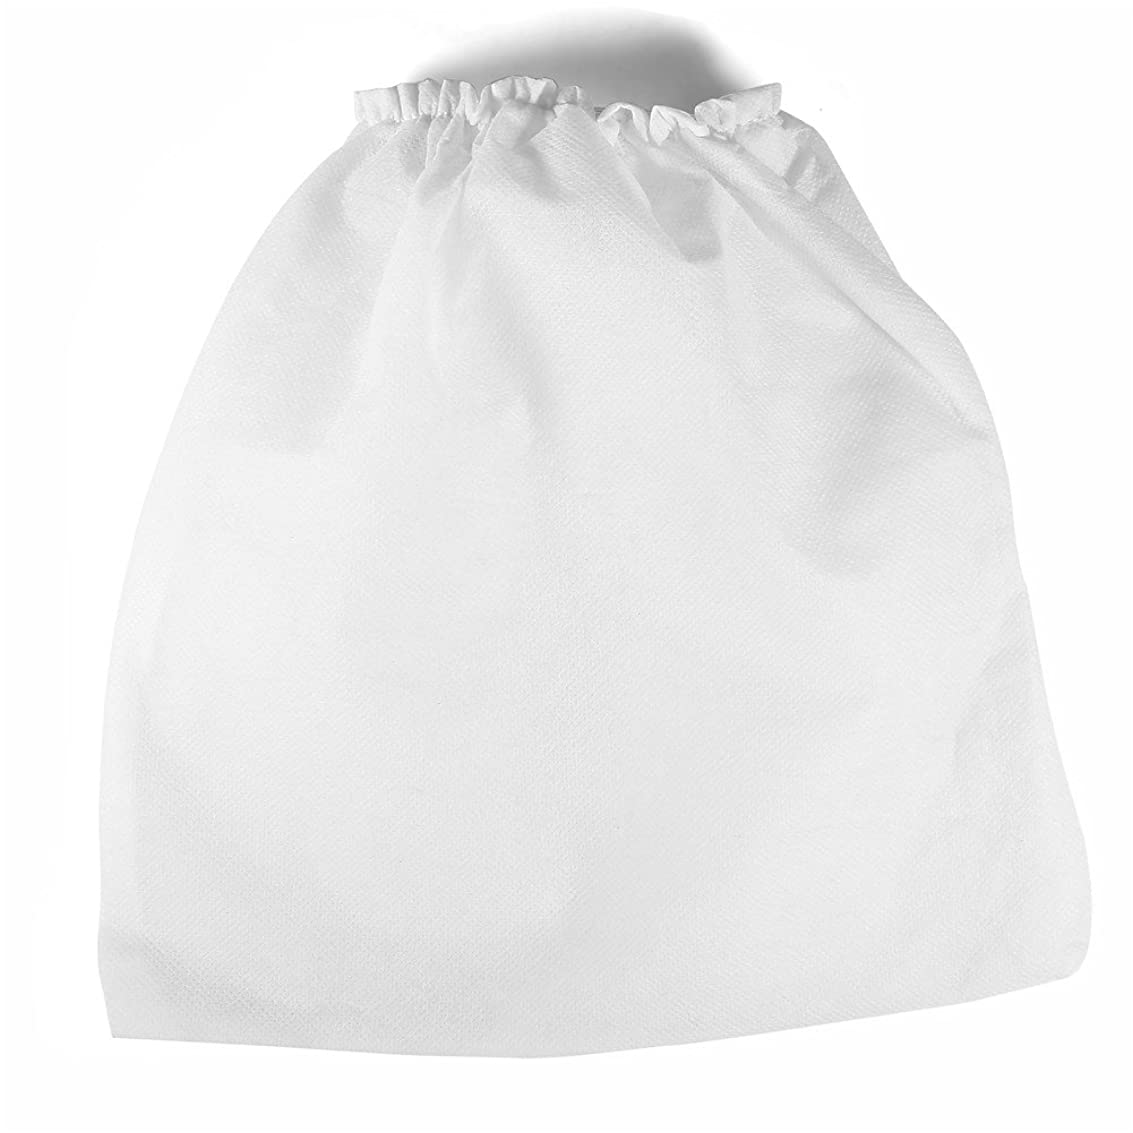 チチカカ湖統計鷹掃除機バッグ、10個の不織布ファブリック高密度ネイルクリーナー交換バッグ、ネイルアートダストコレクションサロンツール用の超広幅弾性バンド付き